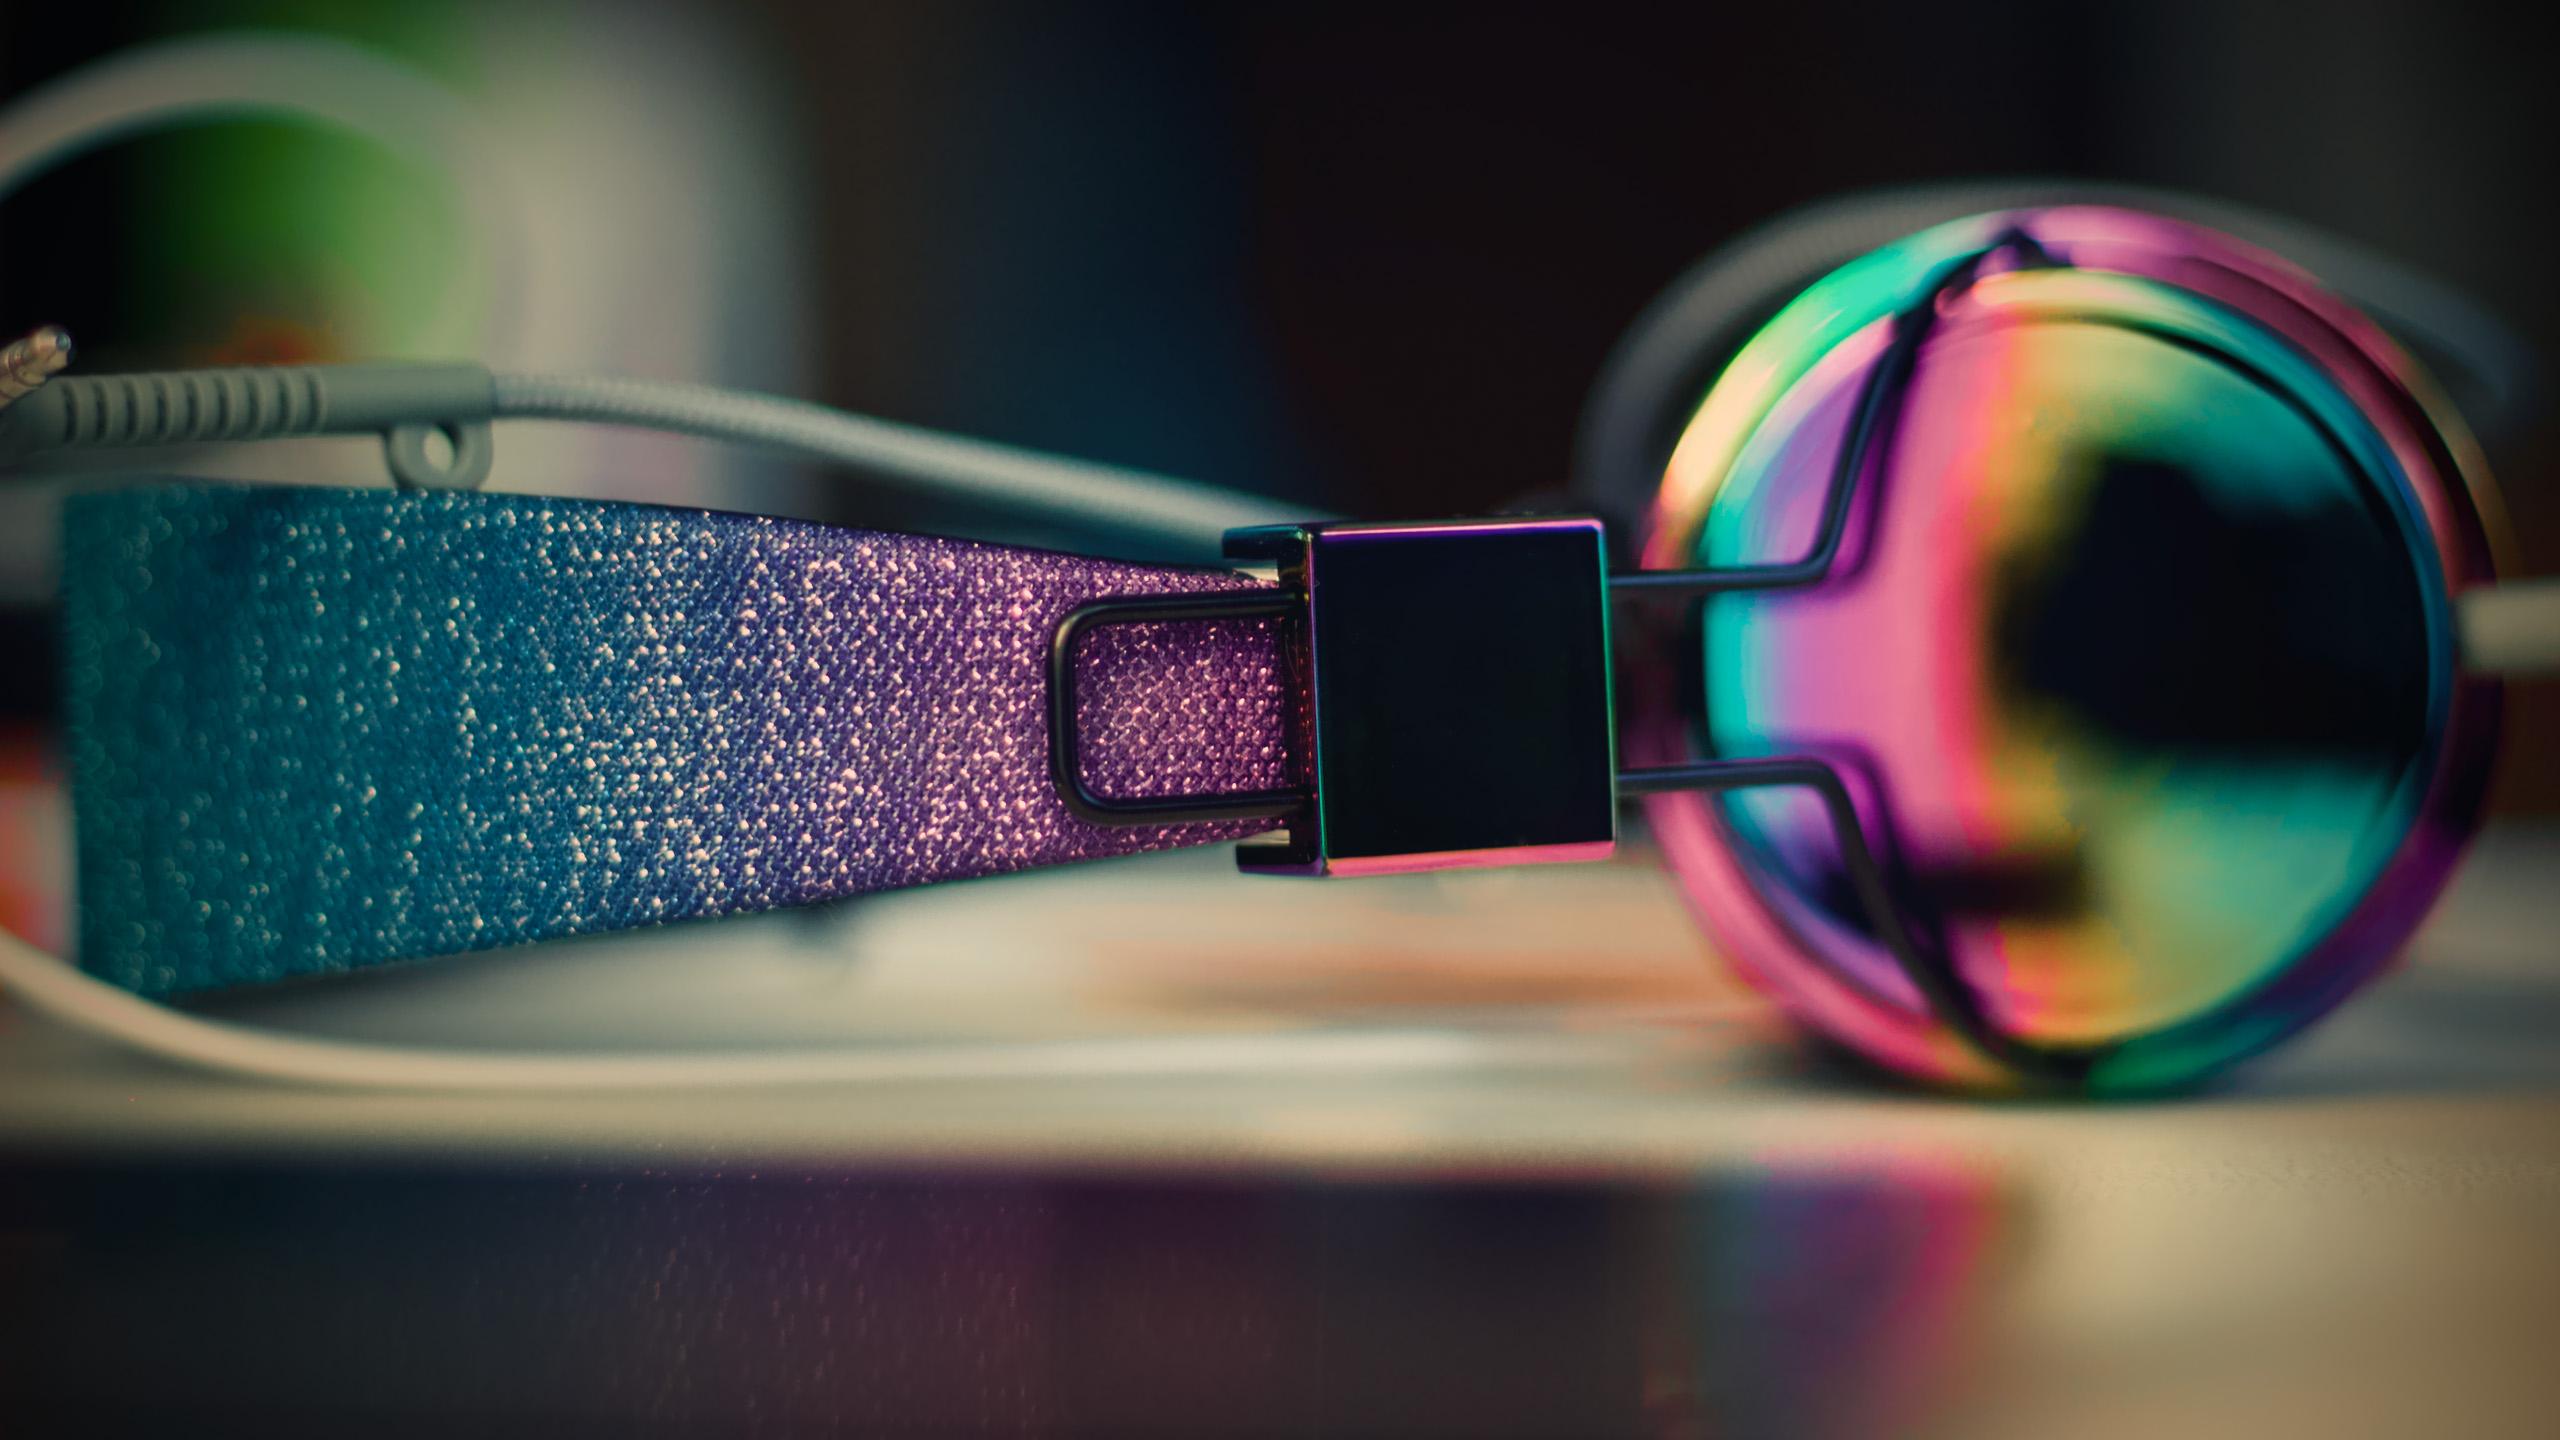 炫酷时尚,耳机,彩色,酷,音乐